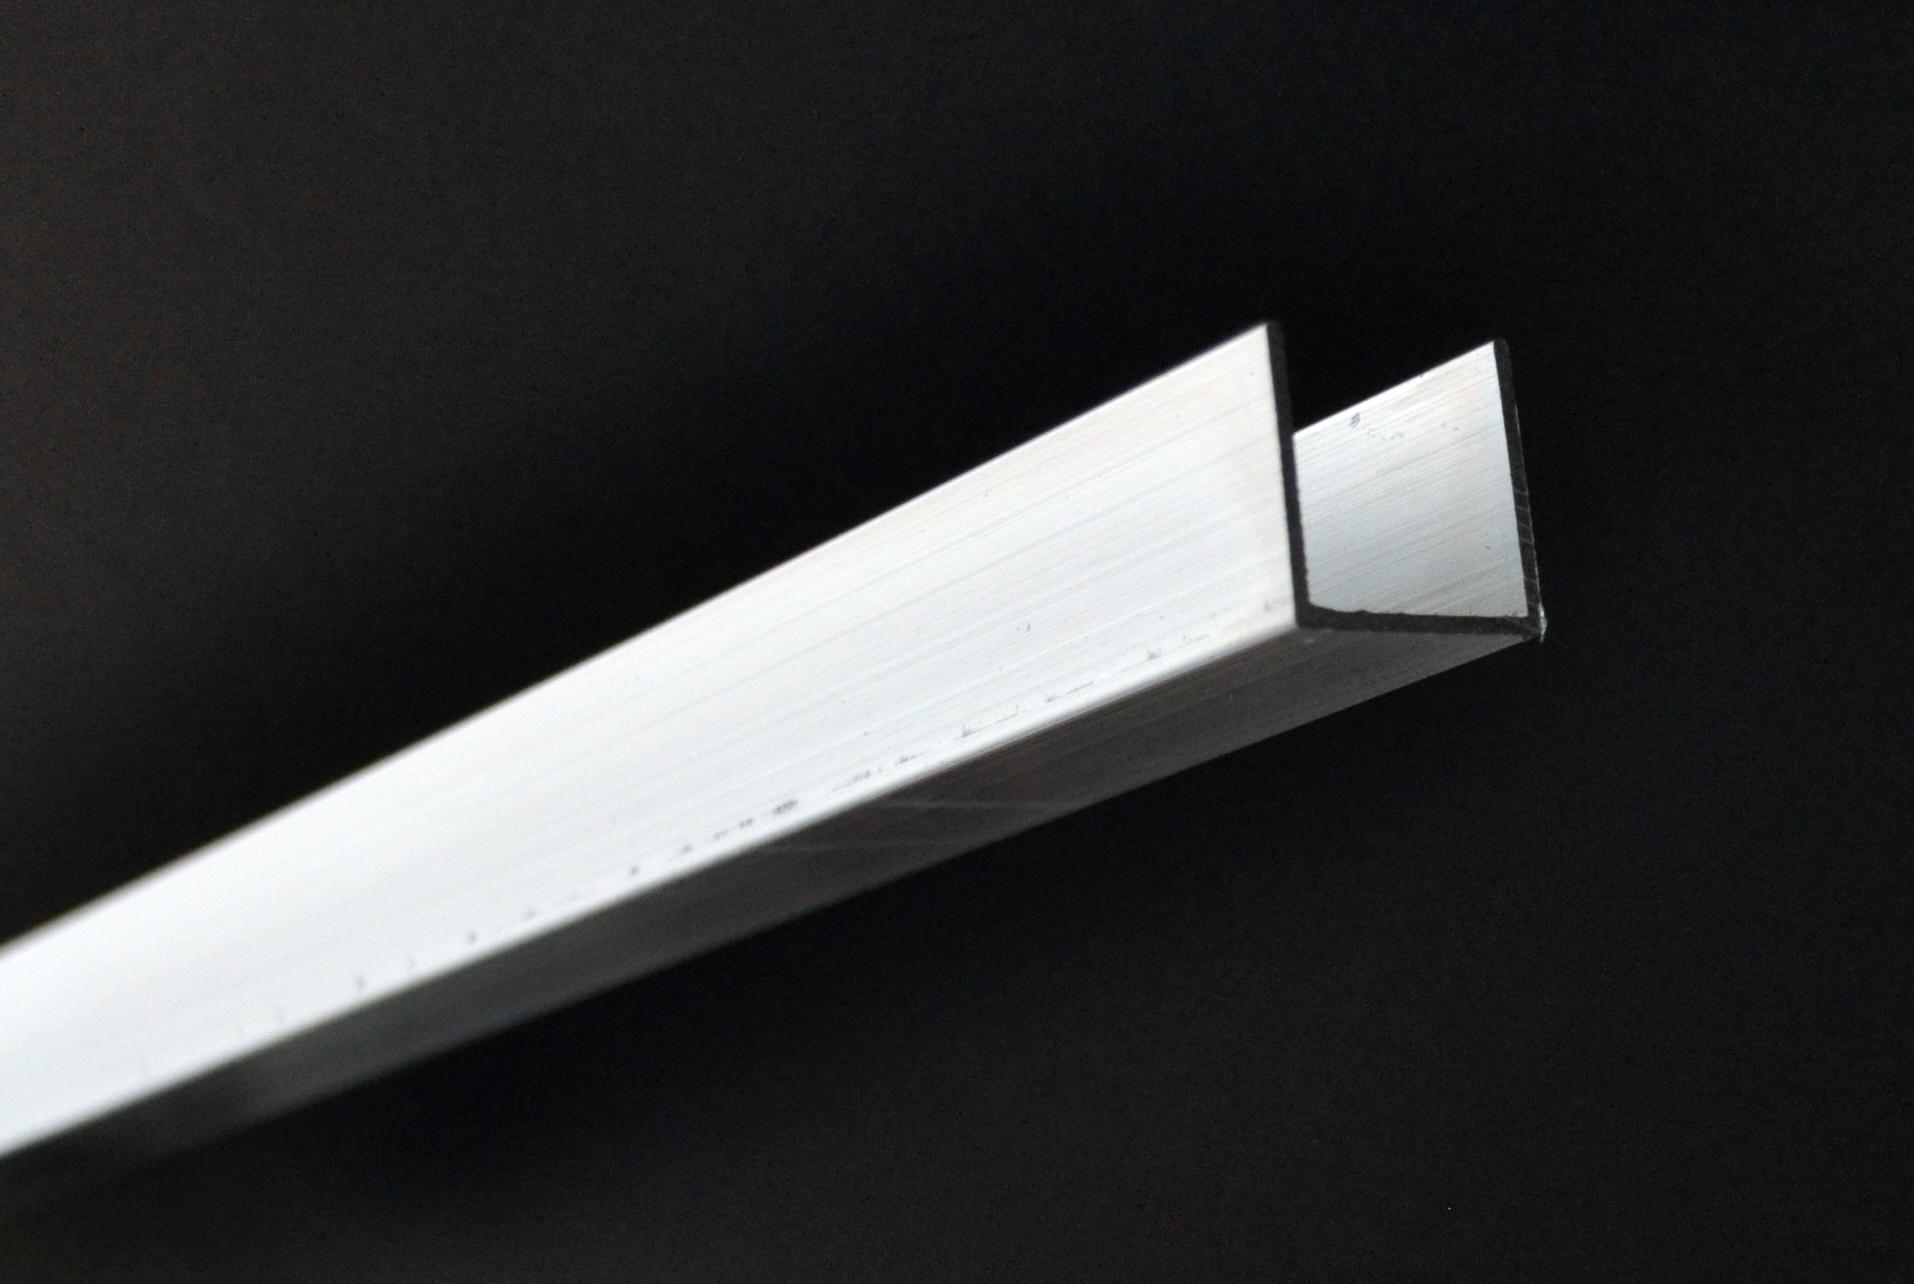 2. DSC_0470_a (Code – BC18, Description – U Channel, Measurement – 21mm X 18.6mm X 1.2mm, Length – 2.5m)